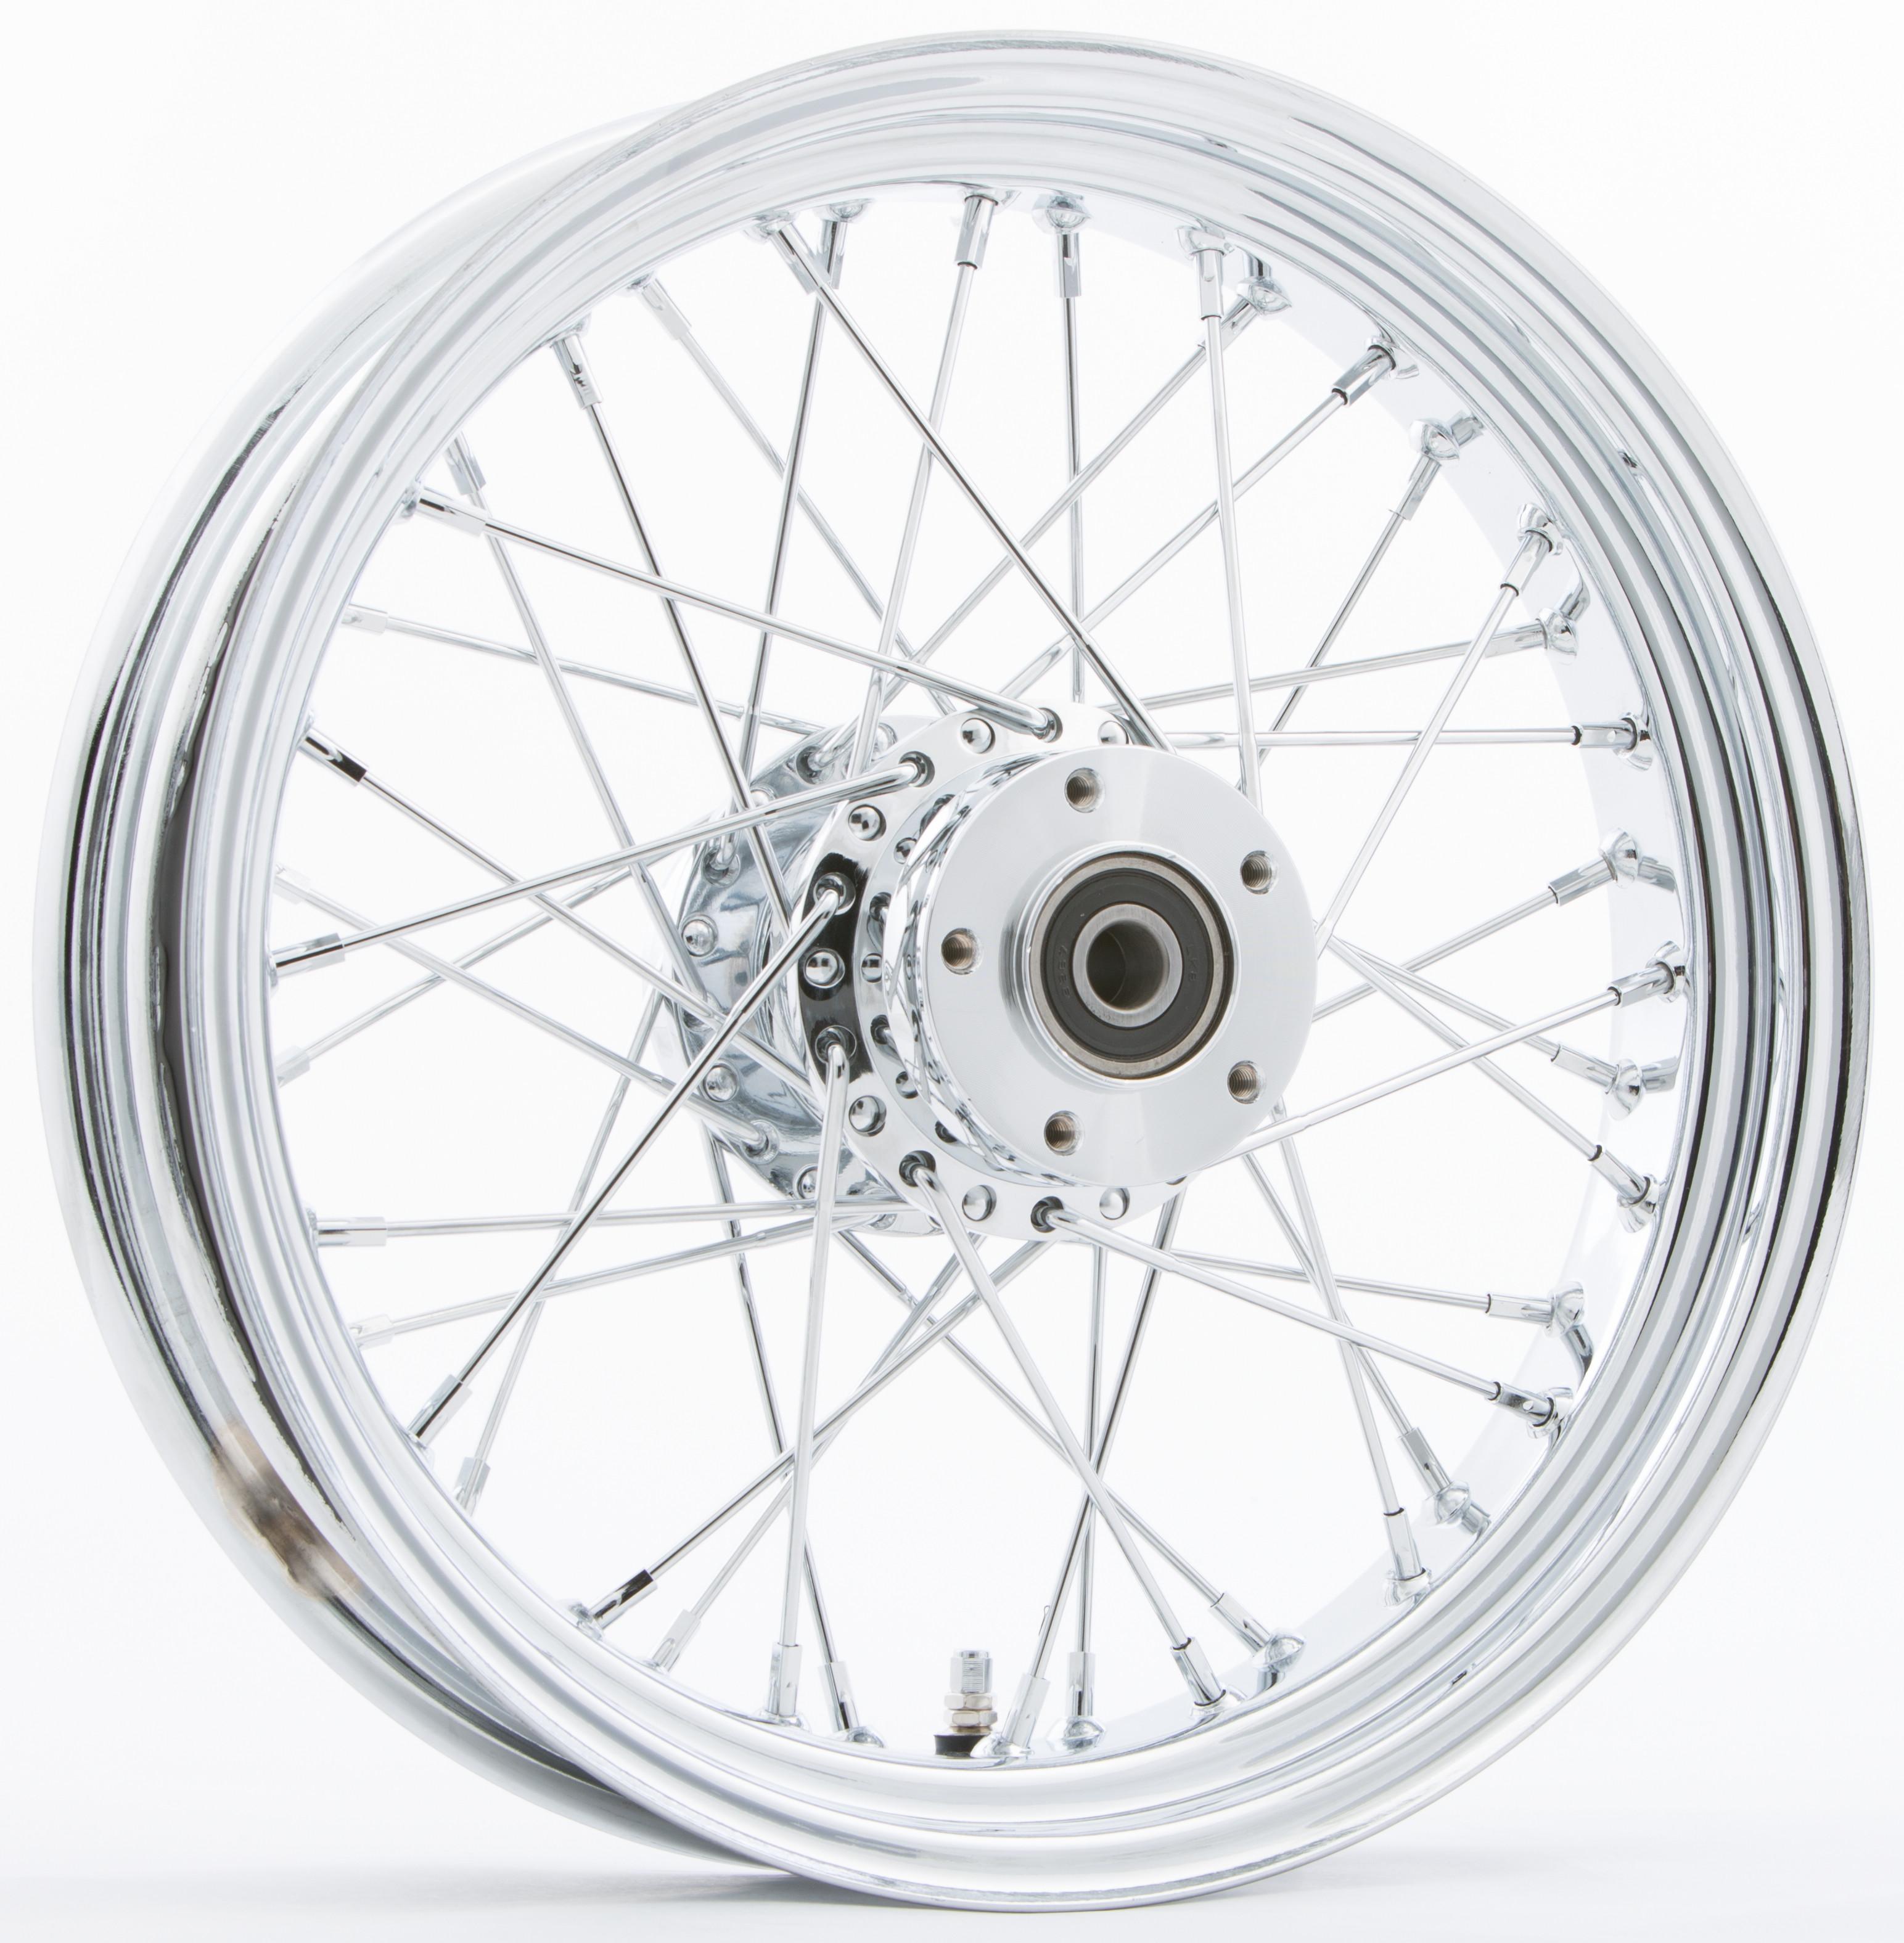 Front 40 Spoke Wheel